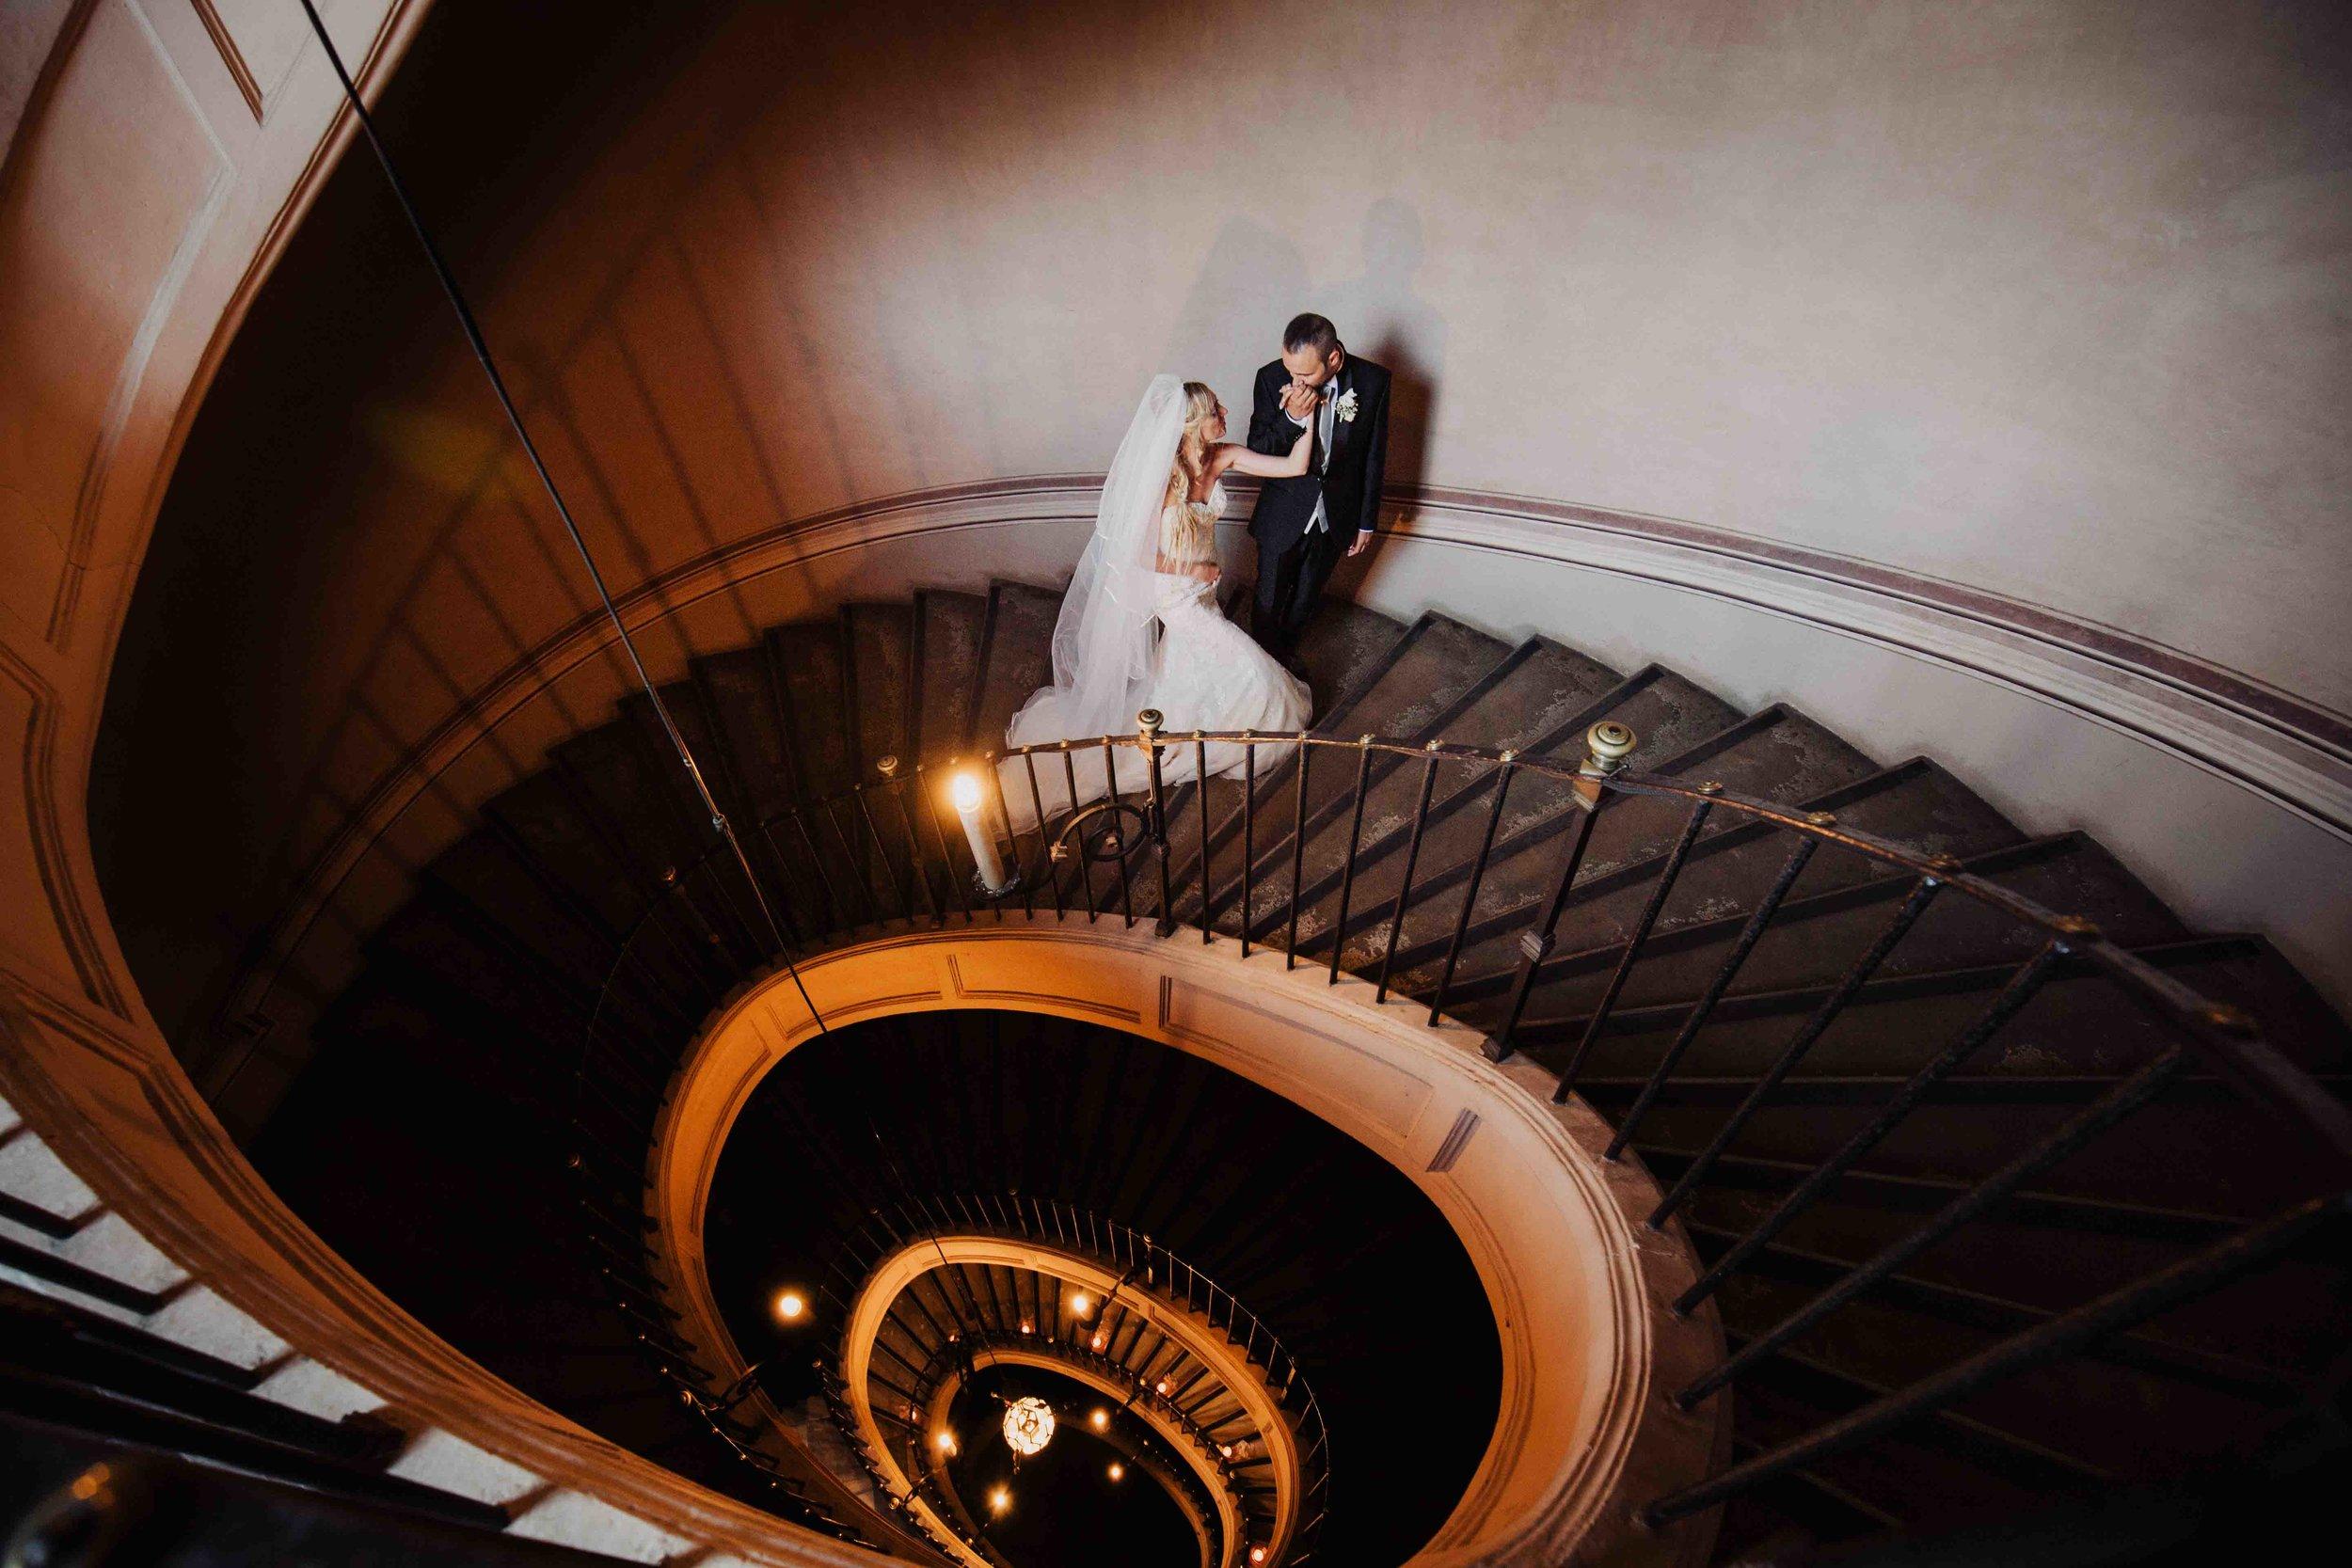 stefano-torreggiani-silvia-roli-palazzo-albergati-fotografo-di-matrimonio (20).jpg